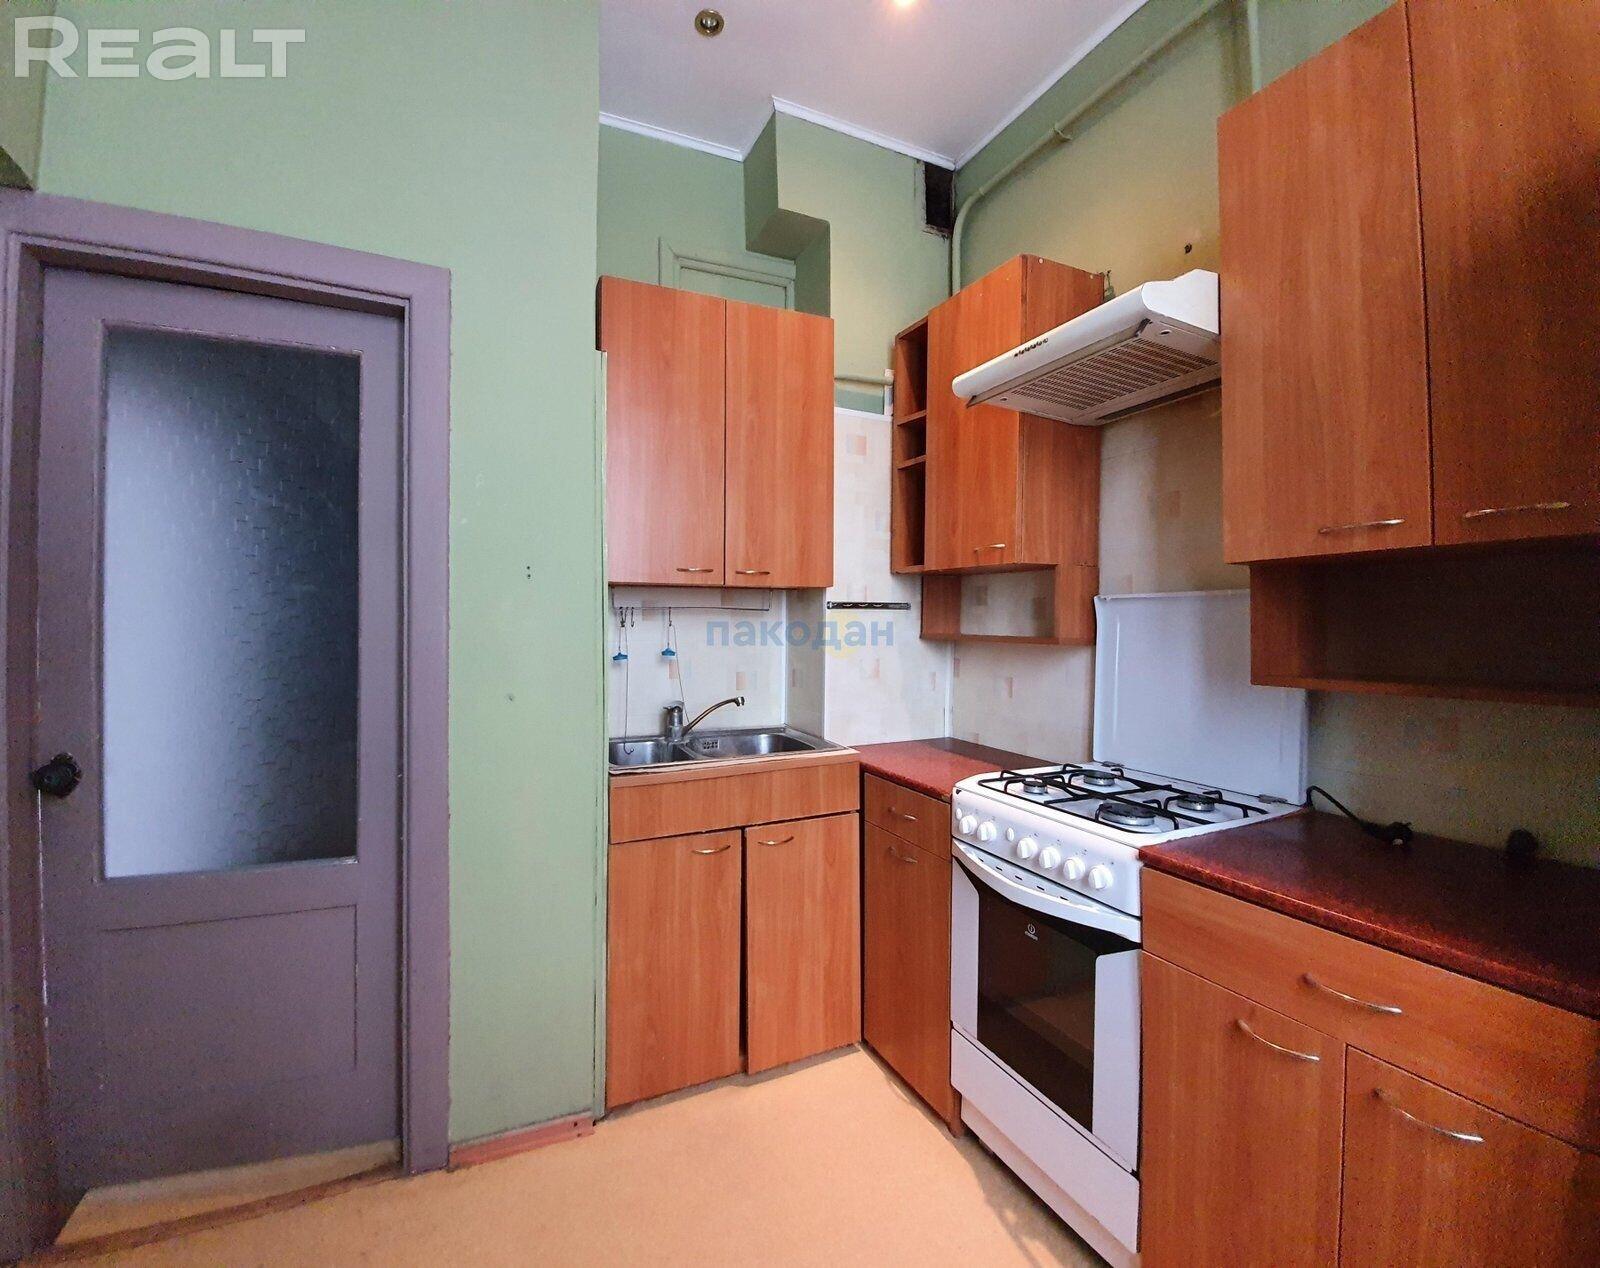 Продается 2-х комнатная квартира, просп. Партизанский д.126 - фото №4